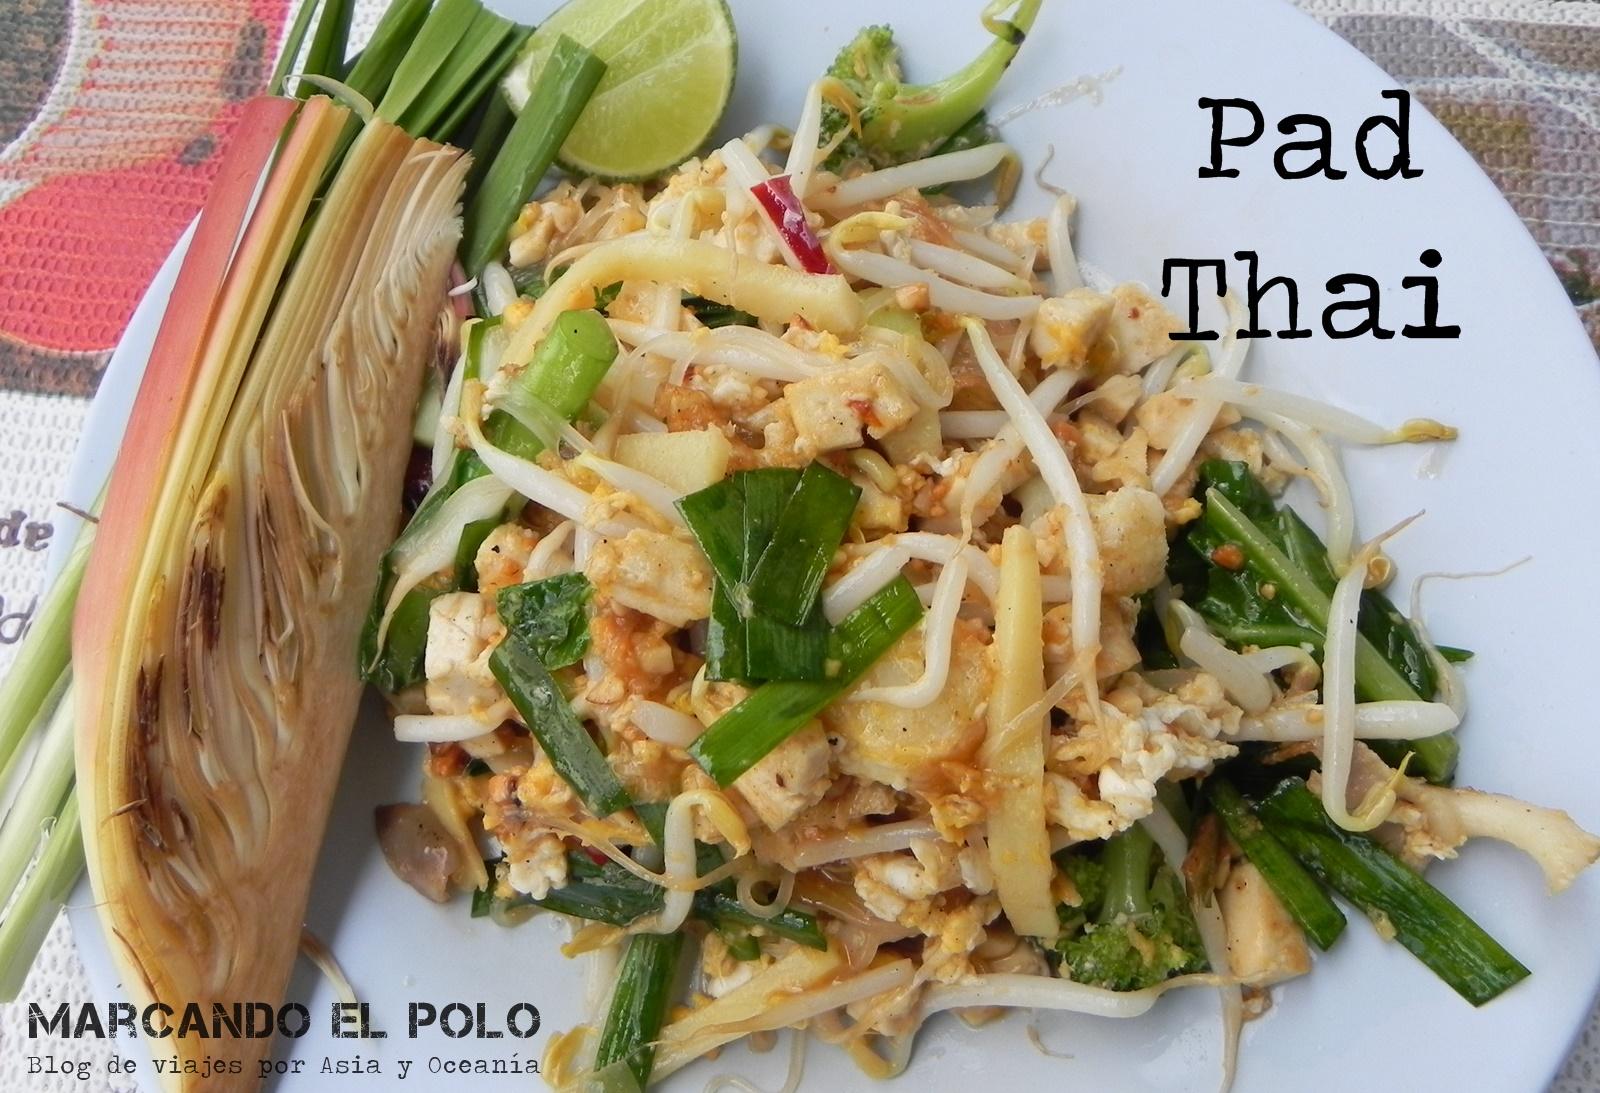 comida tailandesa mitos y verdades marcando el polo On comida tipica tailandesa